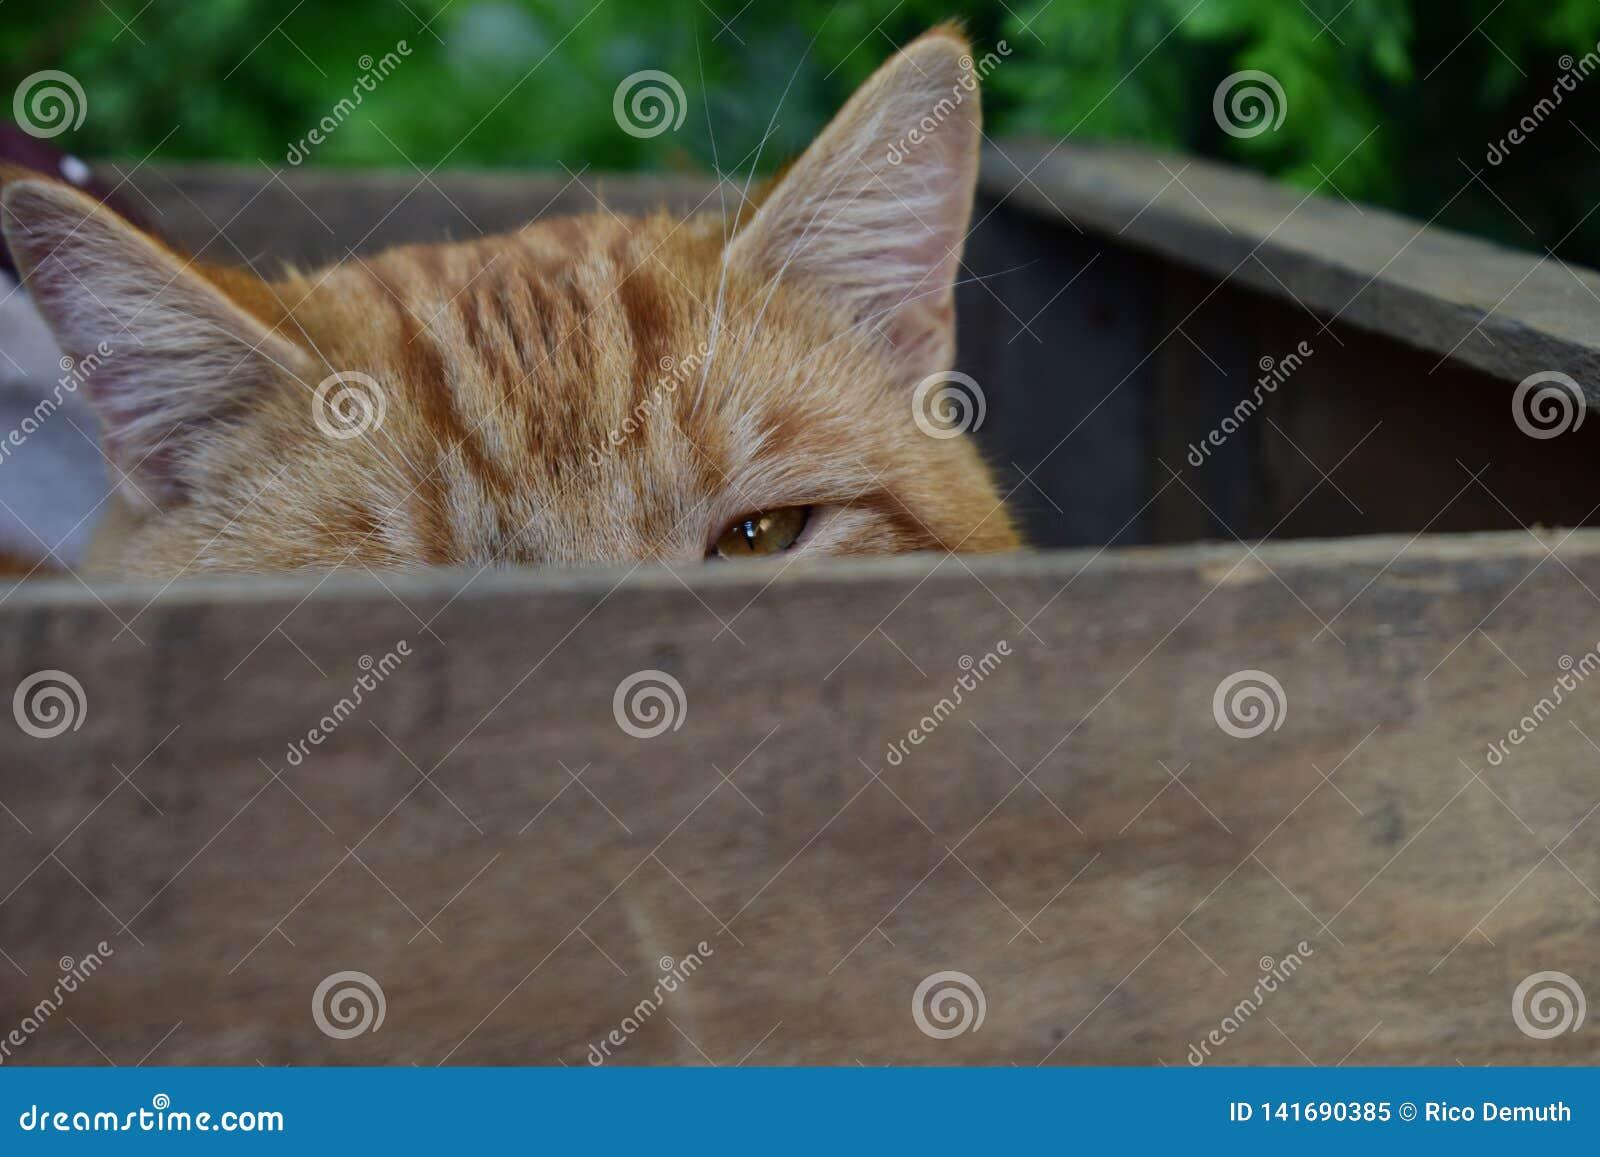 Gato en una caja de madera